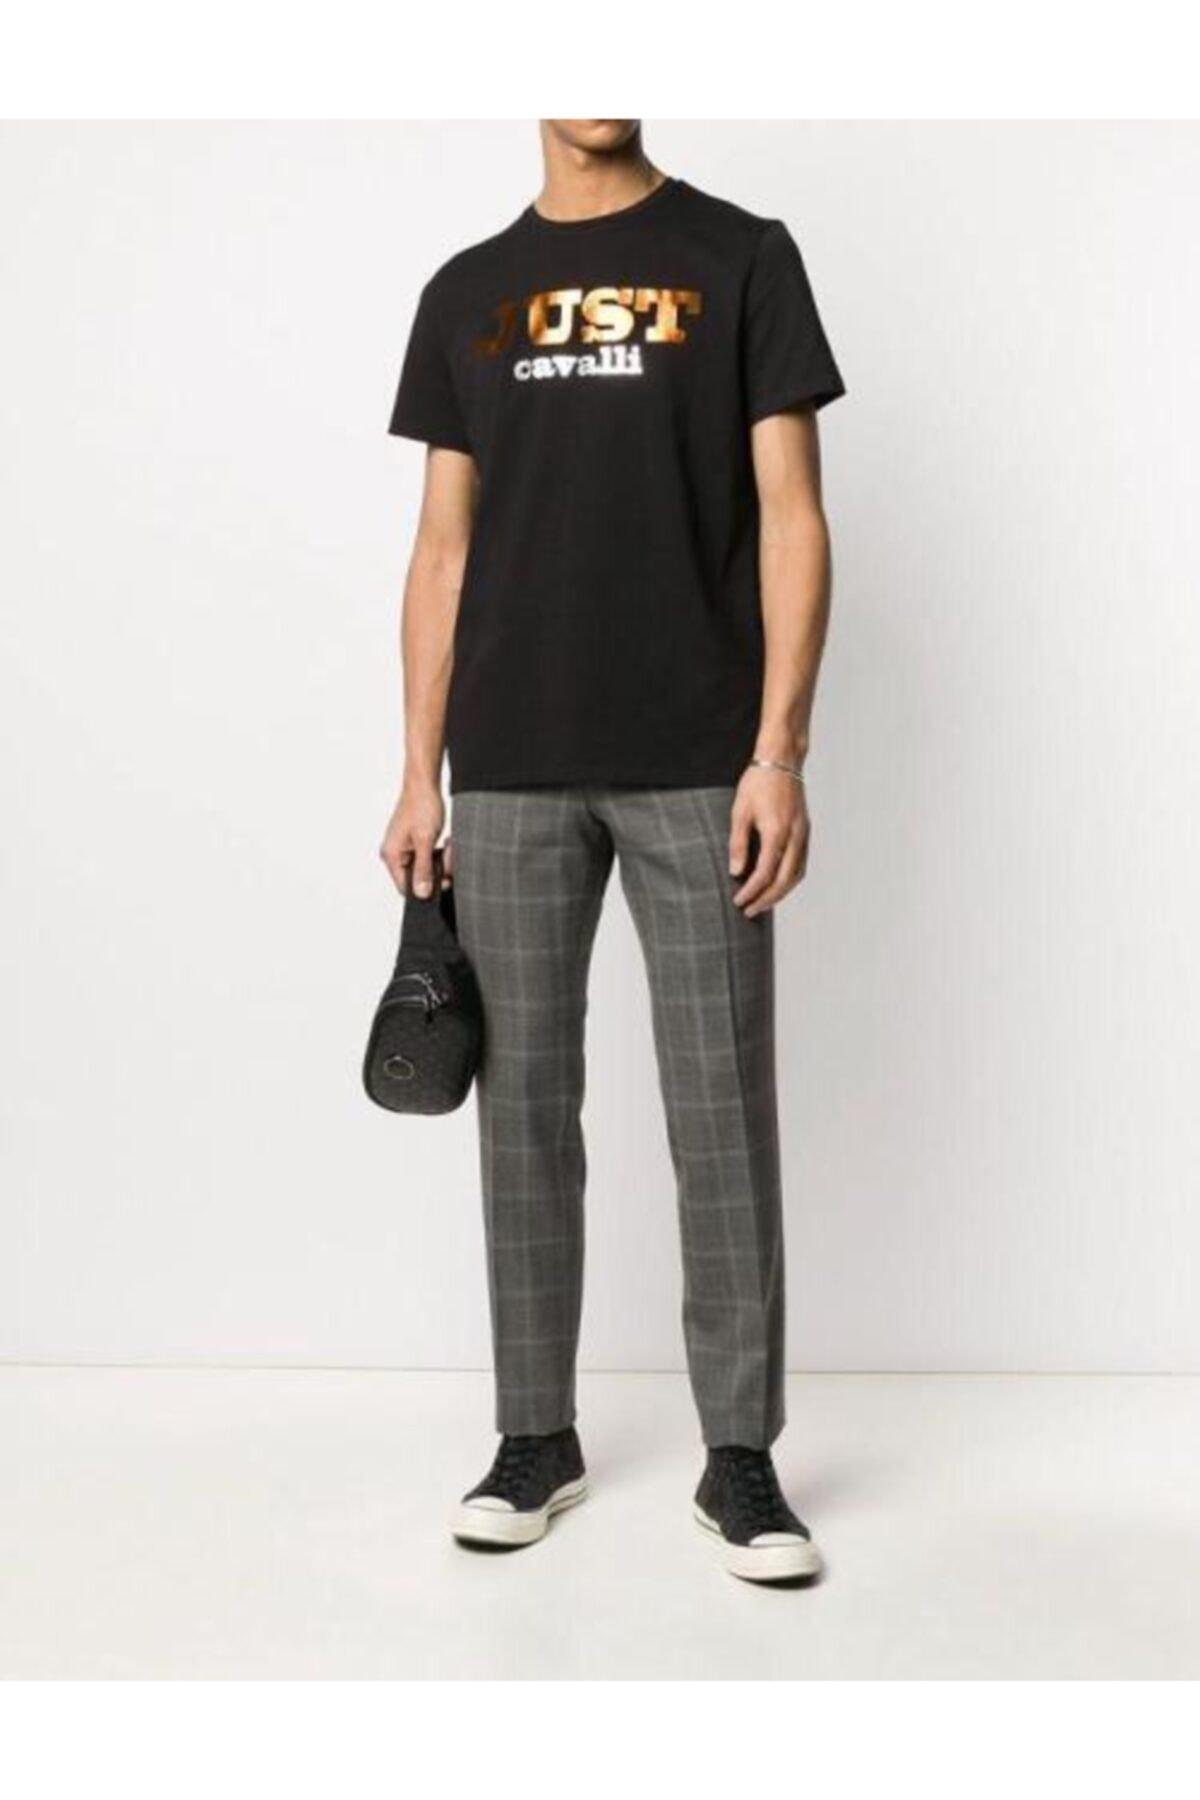 Just Cavalli Erkek Reflektör Baskılı Siyah T-shirt 2